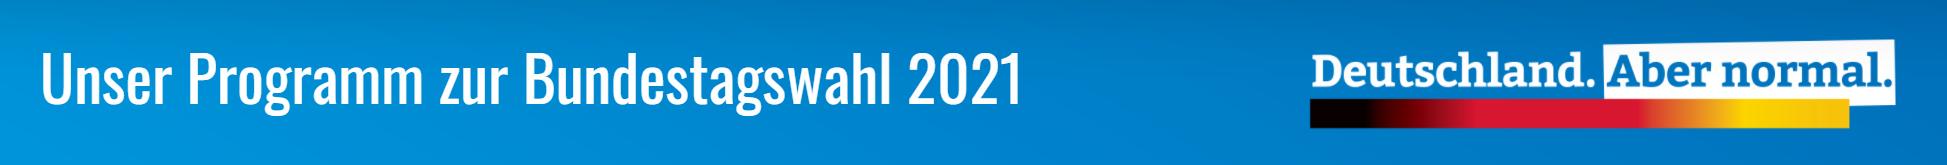 Unser AfD Programm zur Bundestagswahl 2021